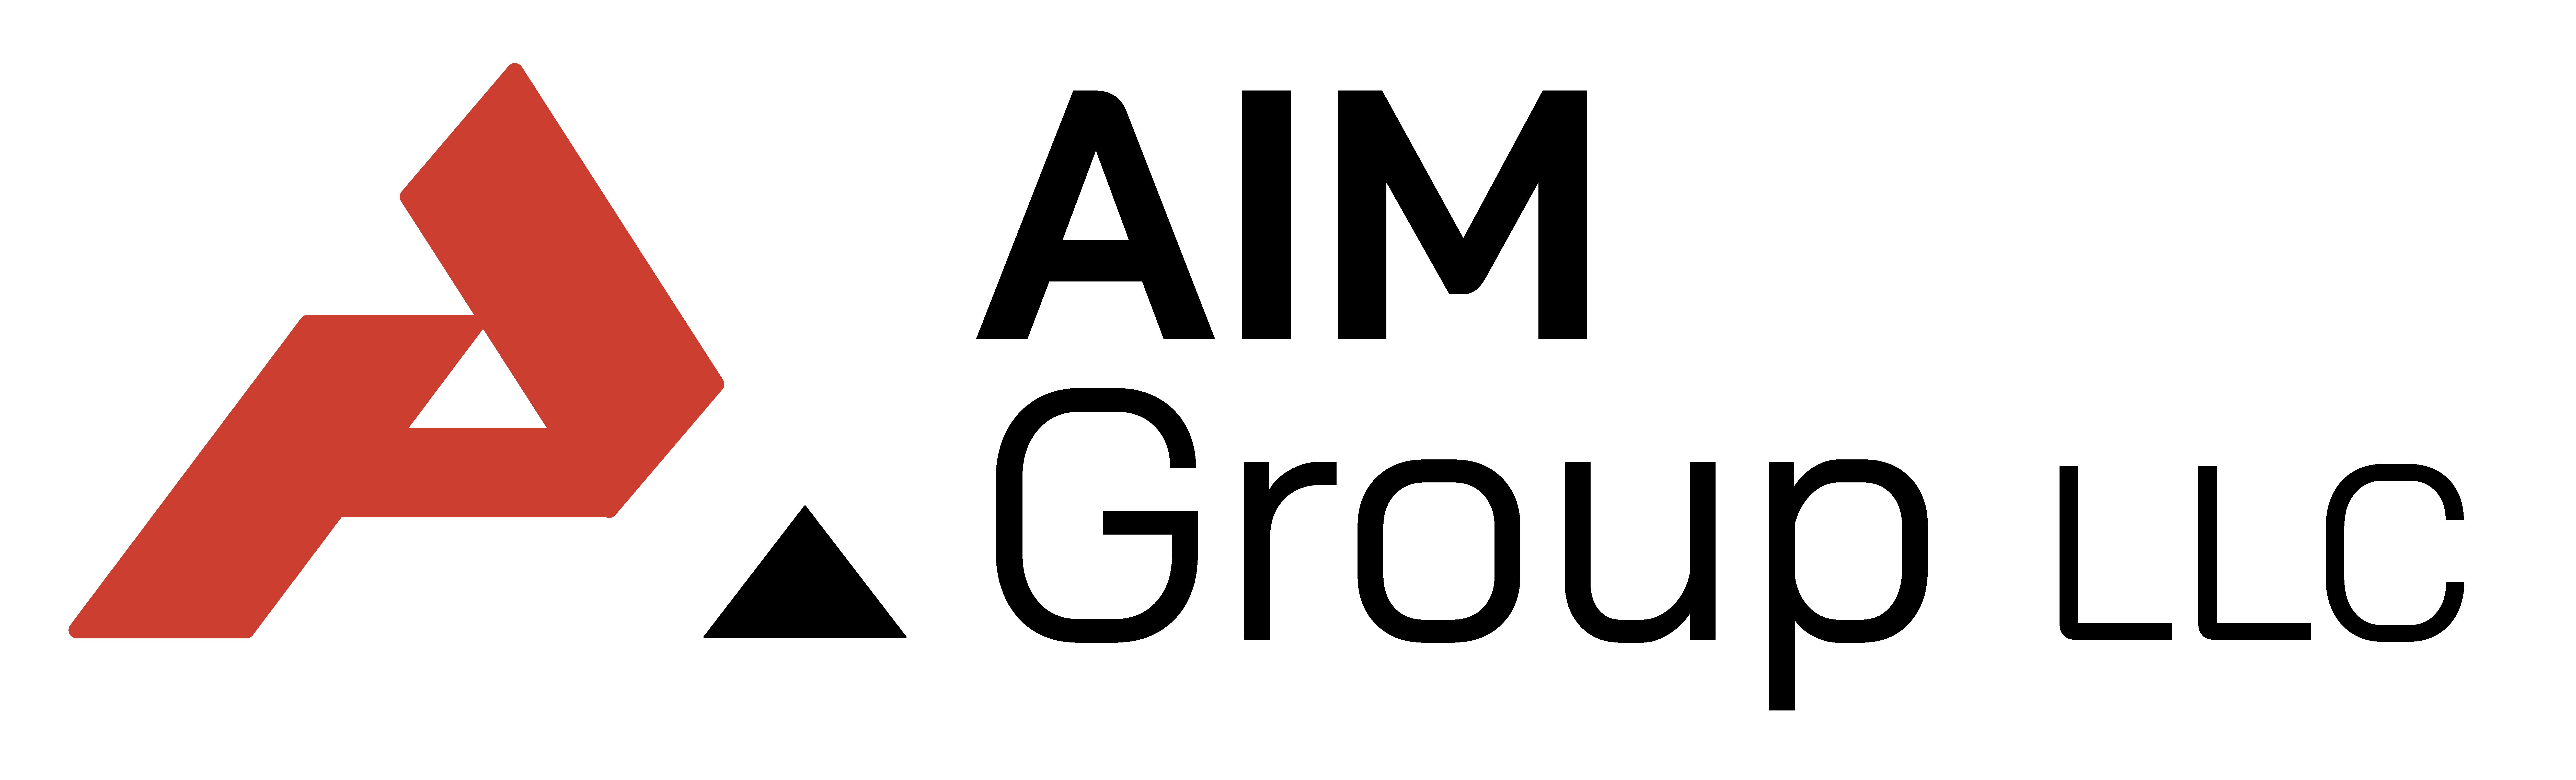 AIMlogo